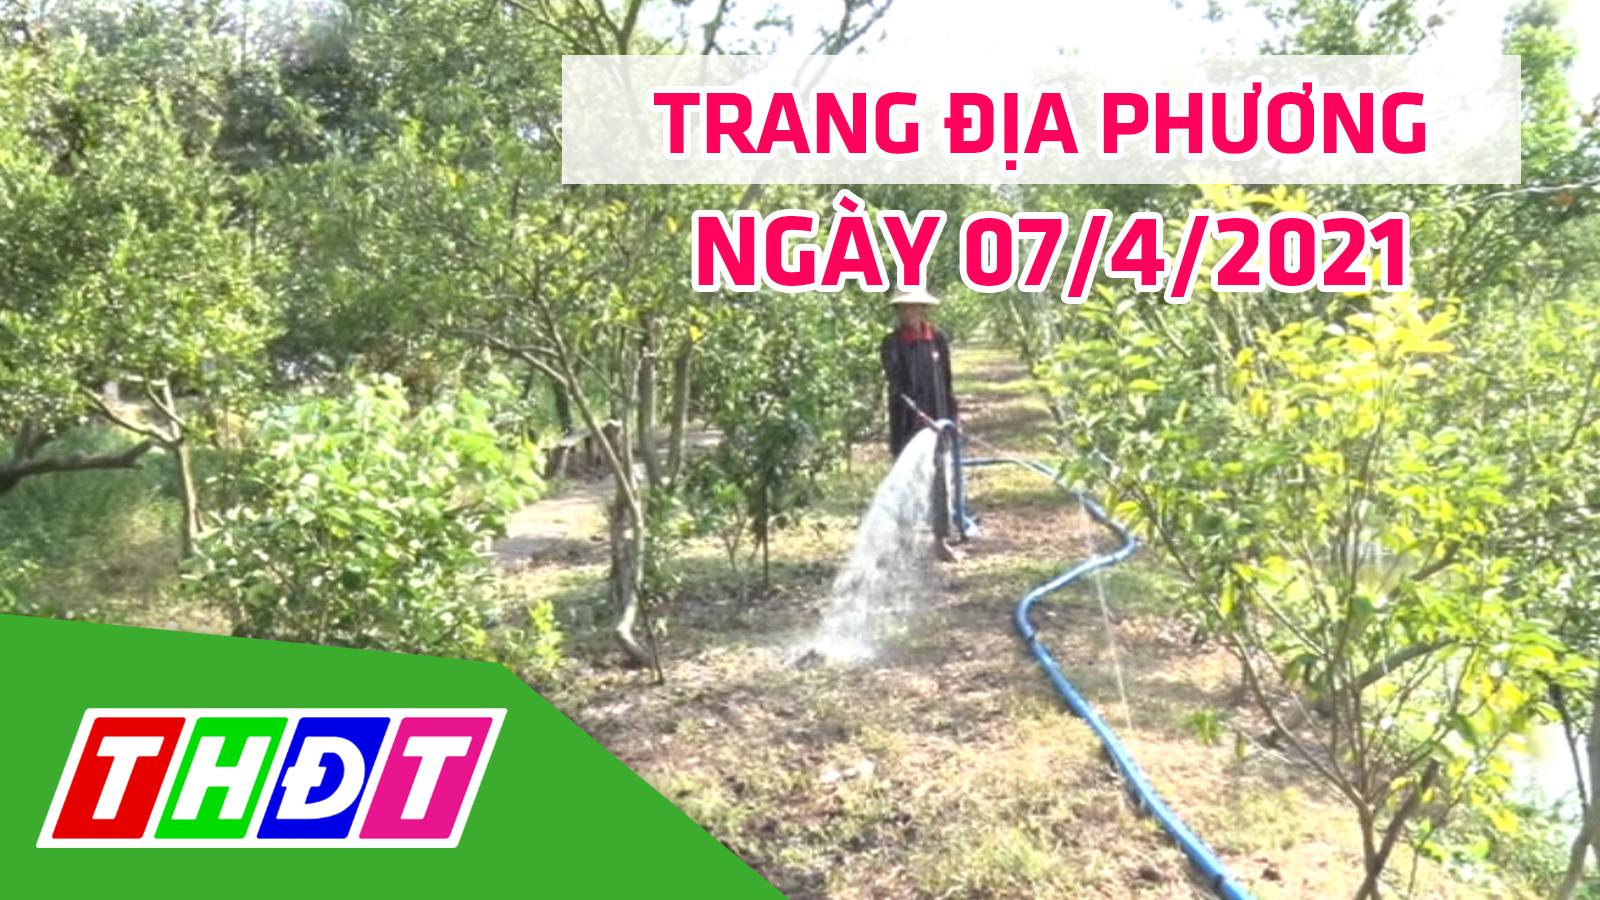 Trang địa phương - Thứ Tư, 14/4/2021 - H. Cao Lãnh